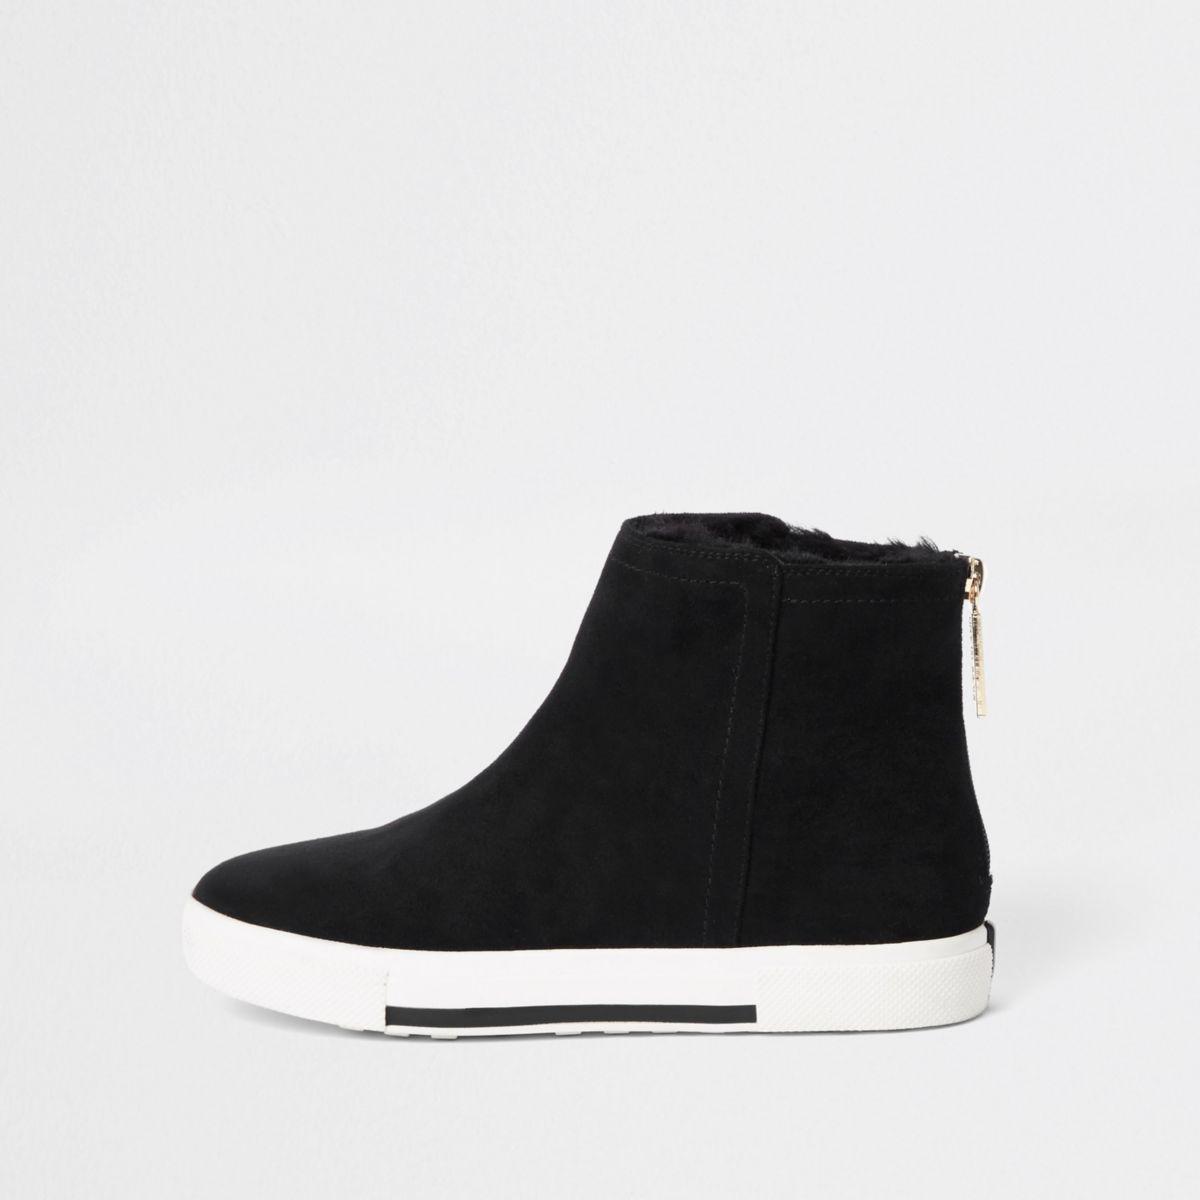 Zwarte laarzen met voering van imitatiebont en brede pasvorm